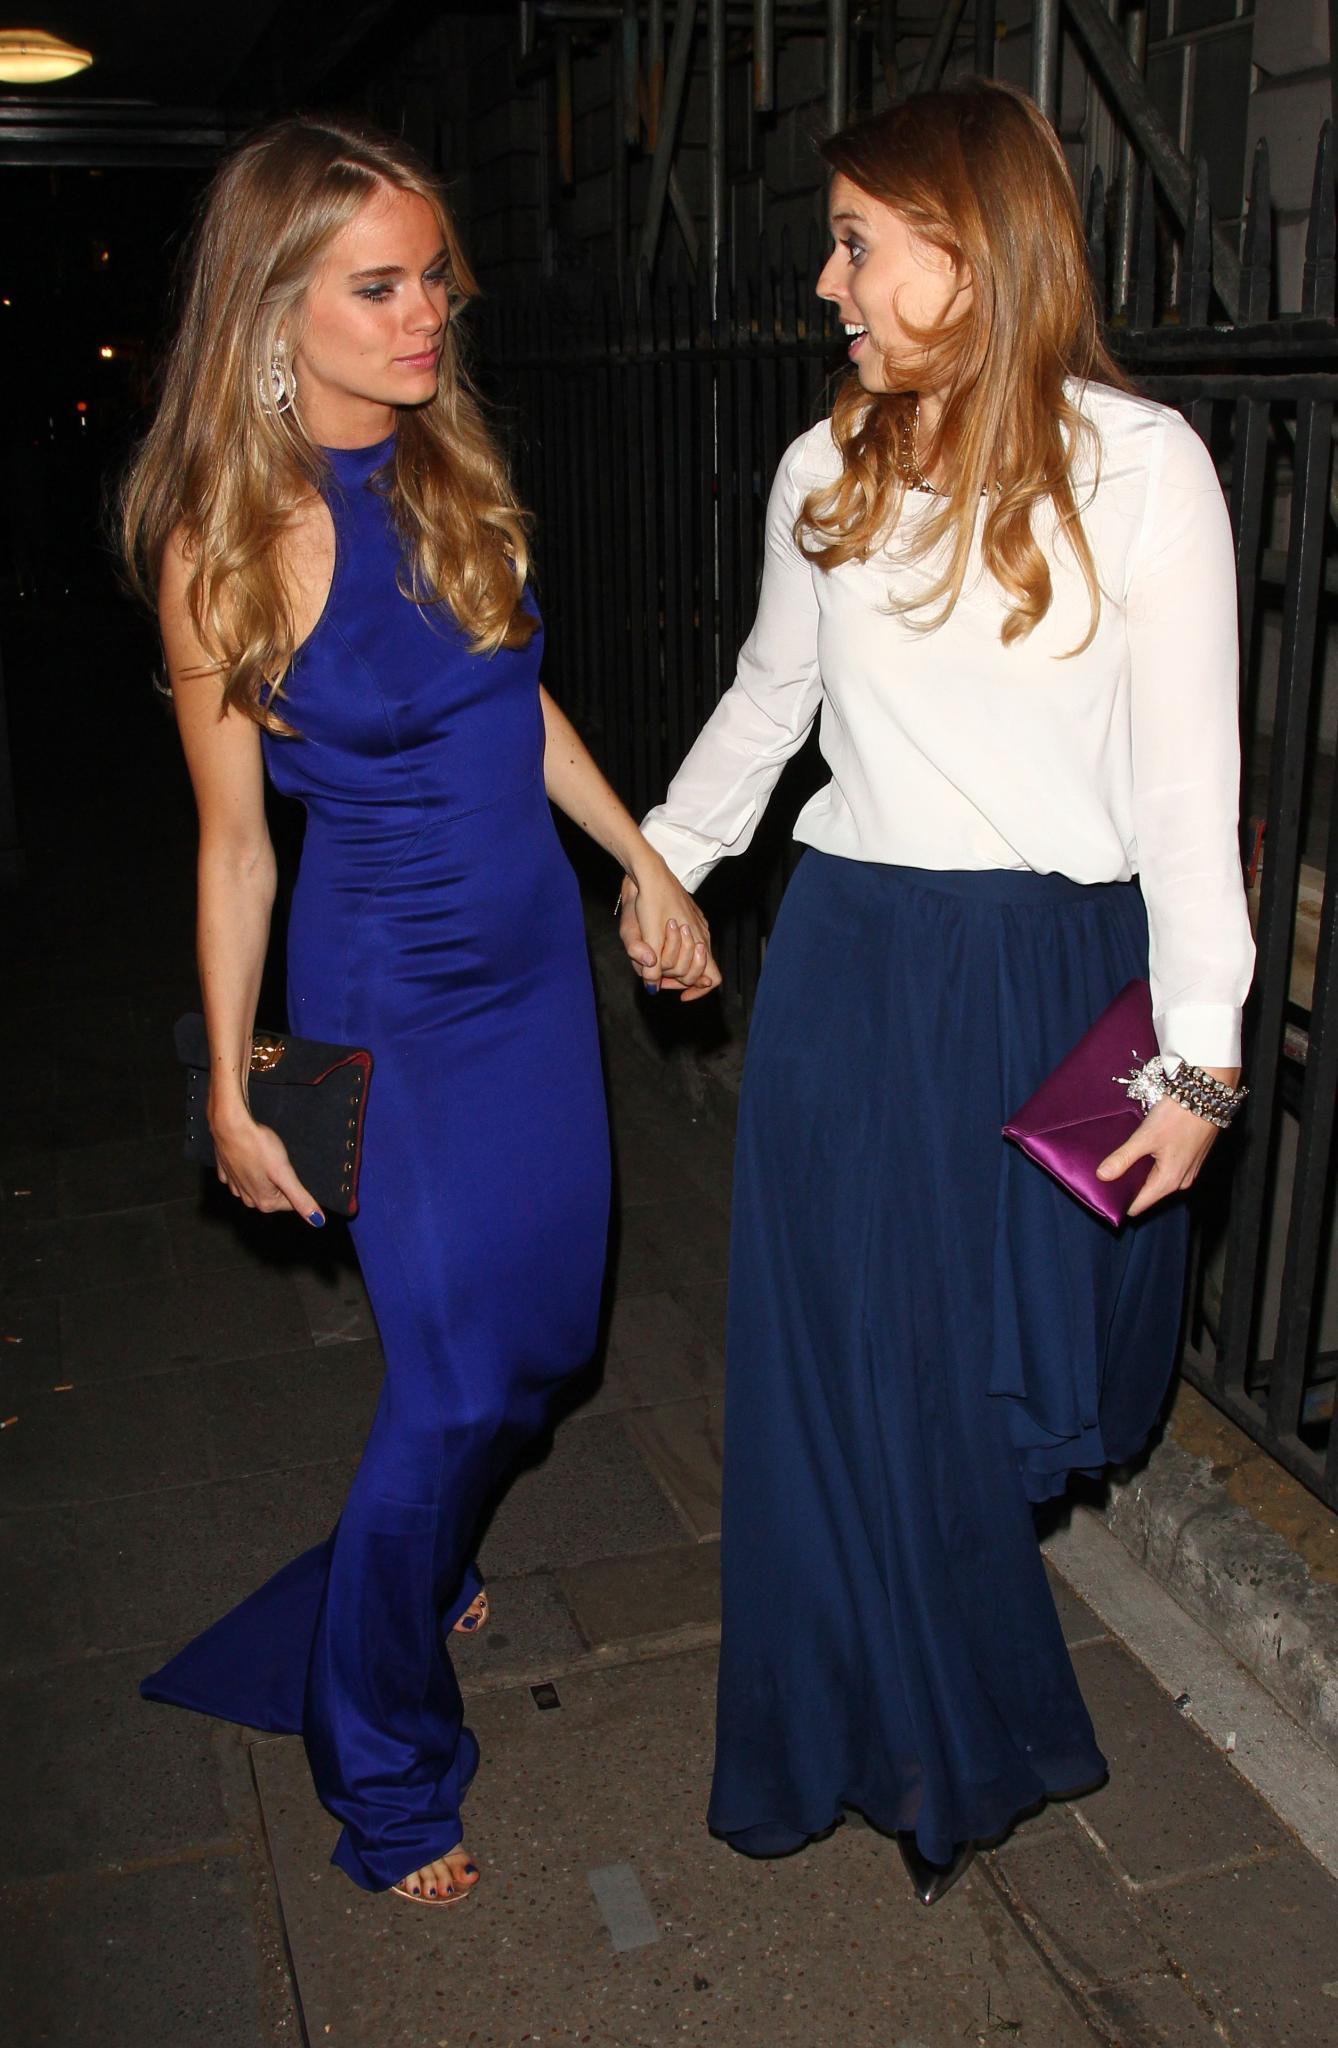 Cressida Bonas und Prinzessin Beatrice gehen am Donnerstag (15. Mai) Hand in Hand in einen Londoner Club.